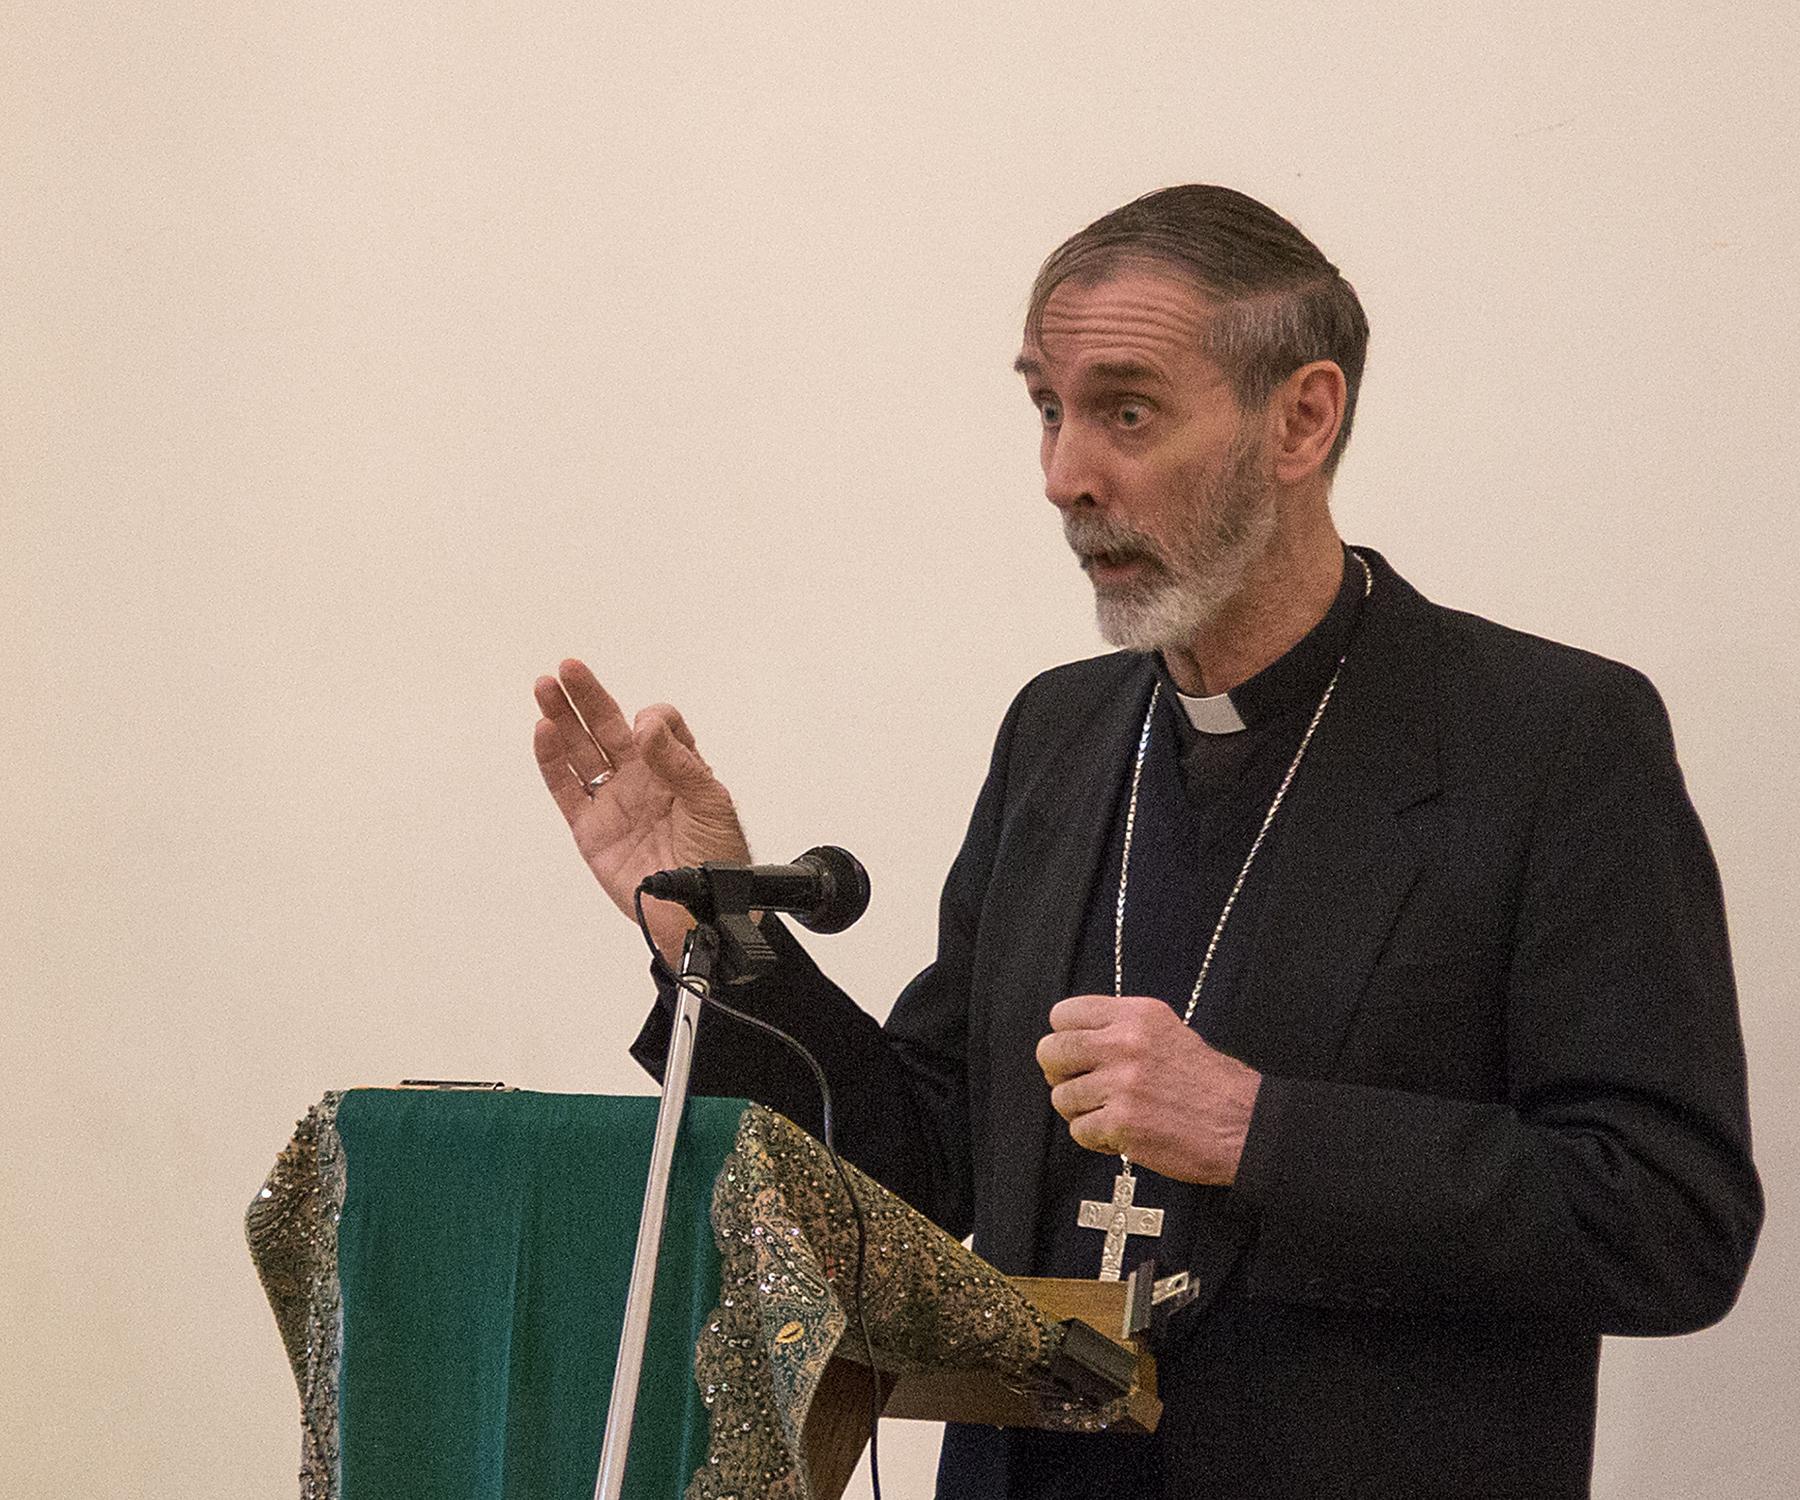 Bishop Alan